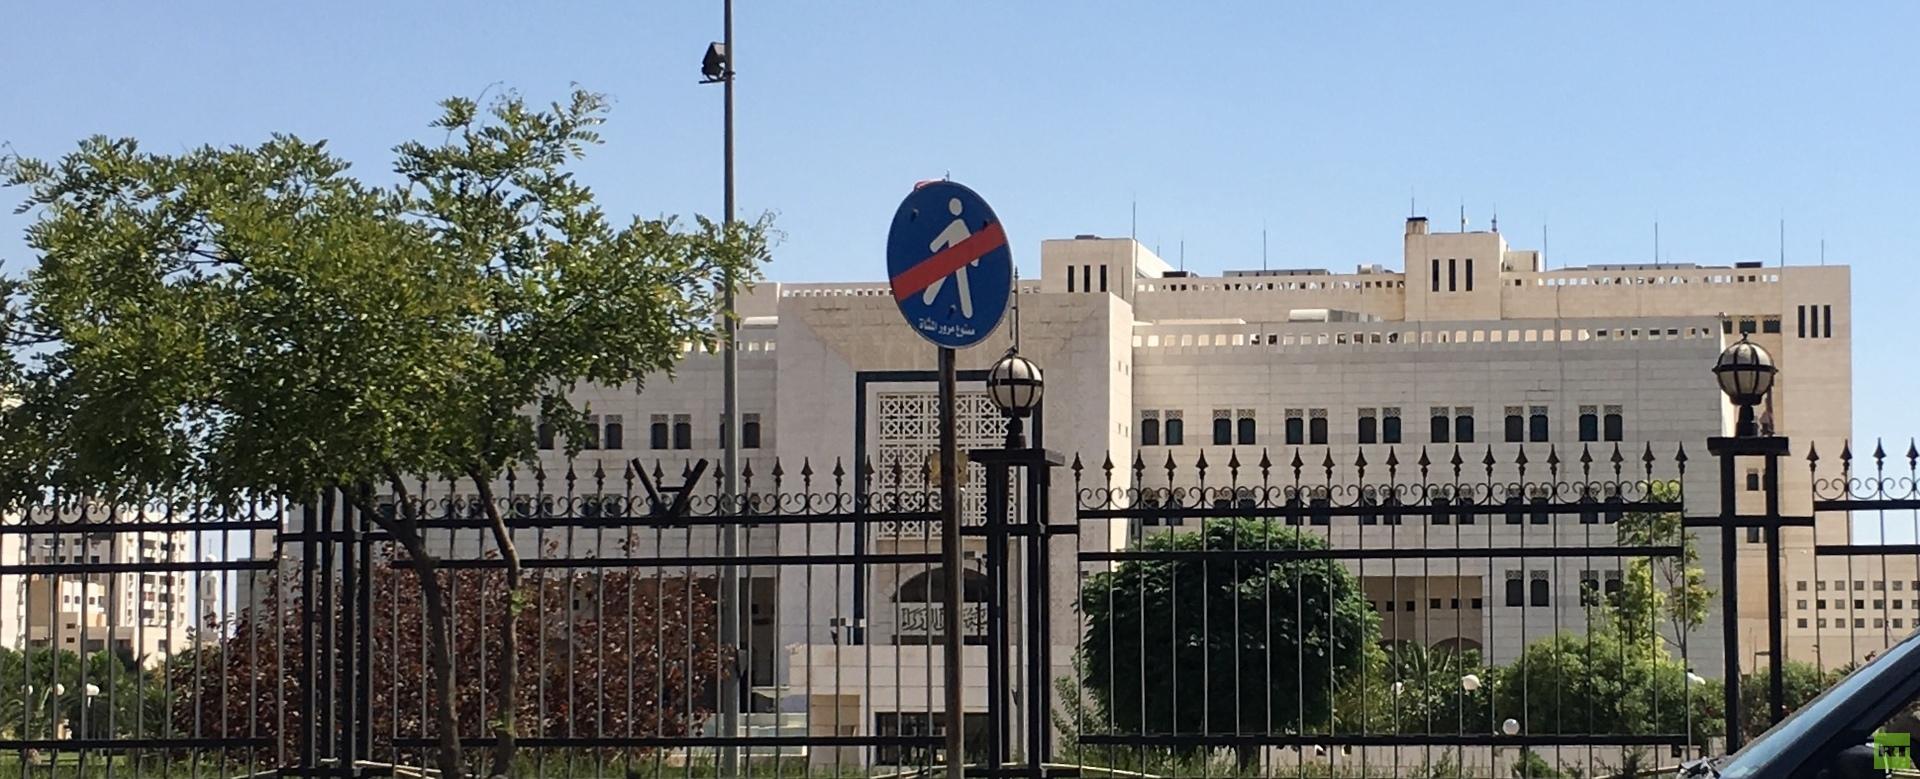 الحكومة السورية تطلب عدم التمديد للعاملين بعد إتمام السن القانونية